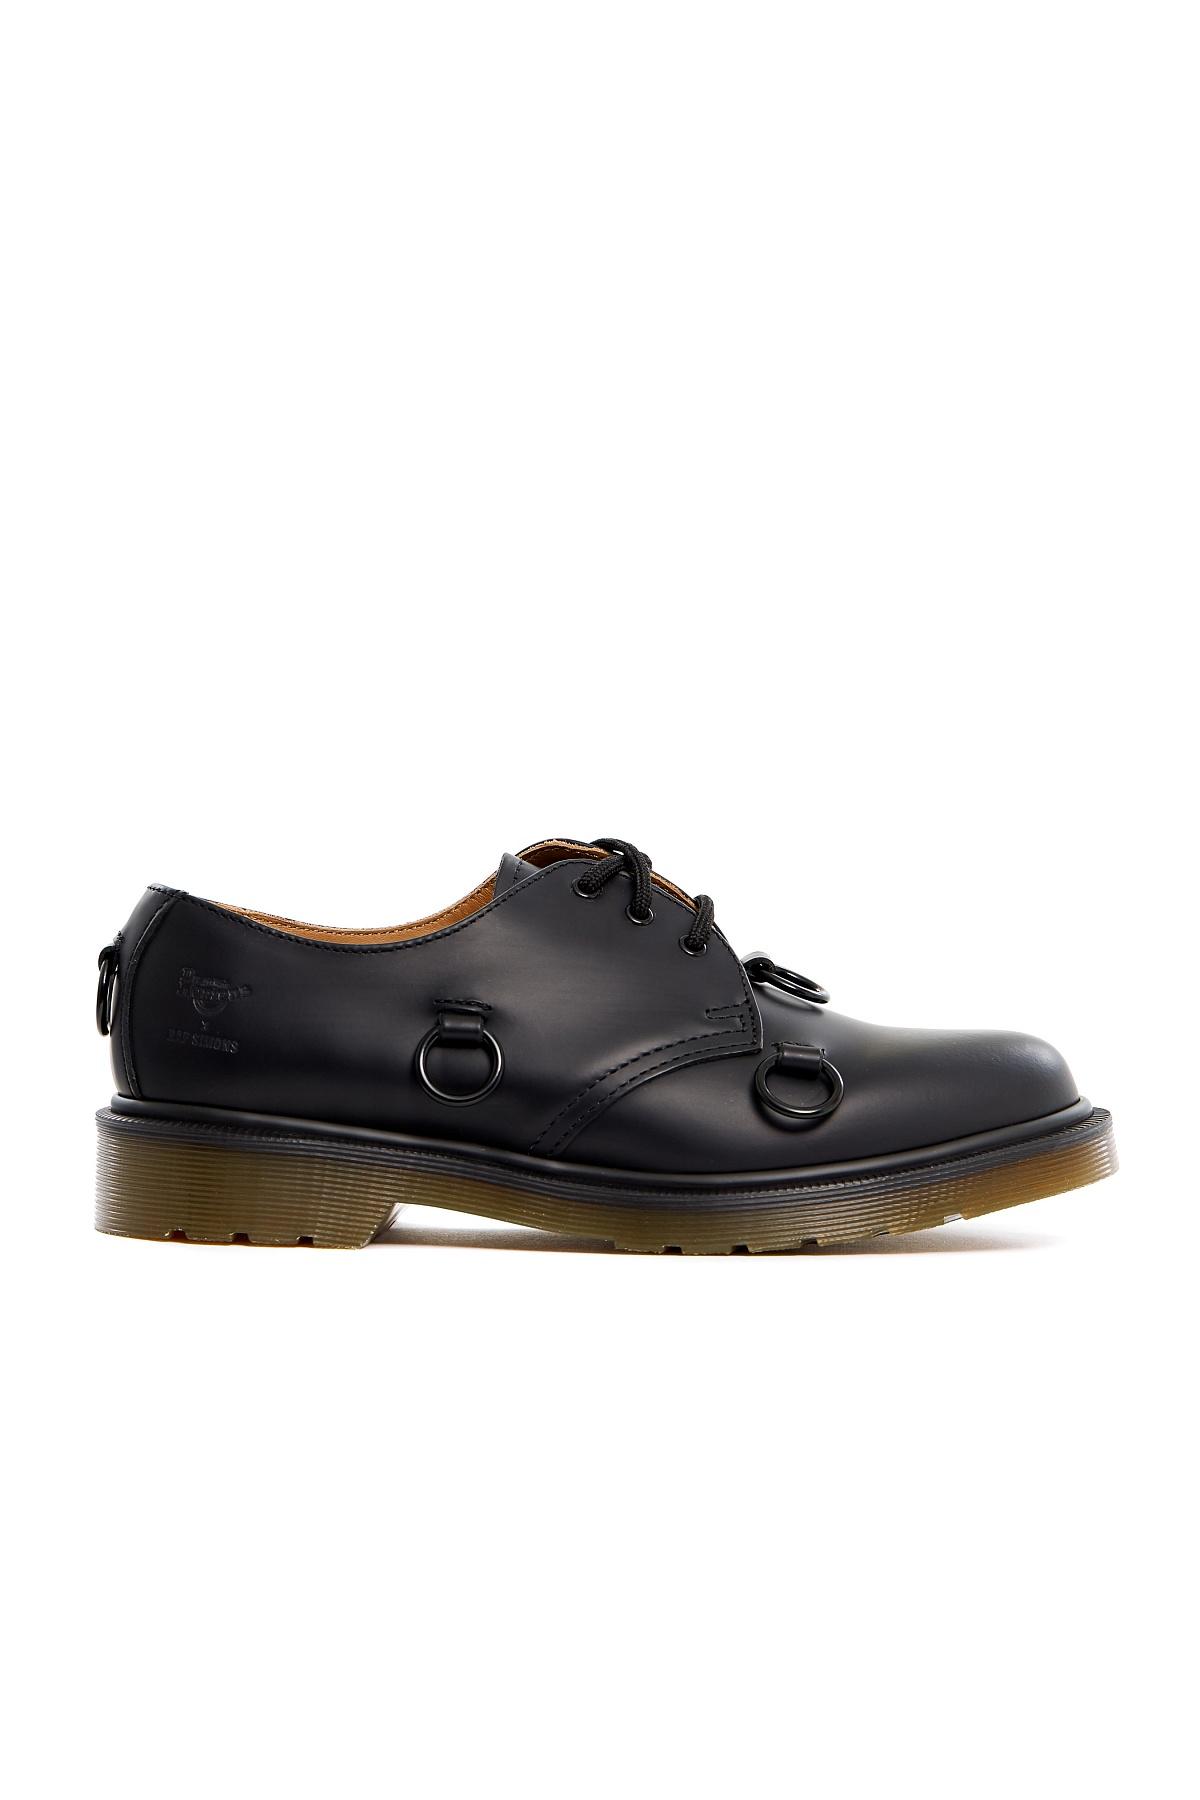 Ботинки RAF SIMONS x DR. MARTENS - Интернет-магазин КМ20